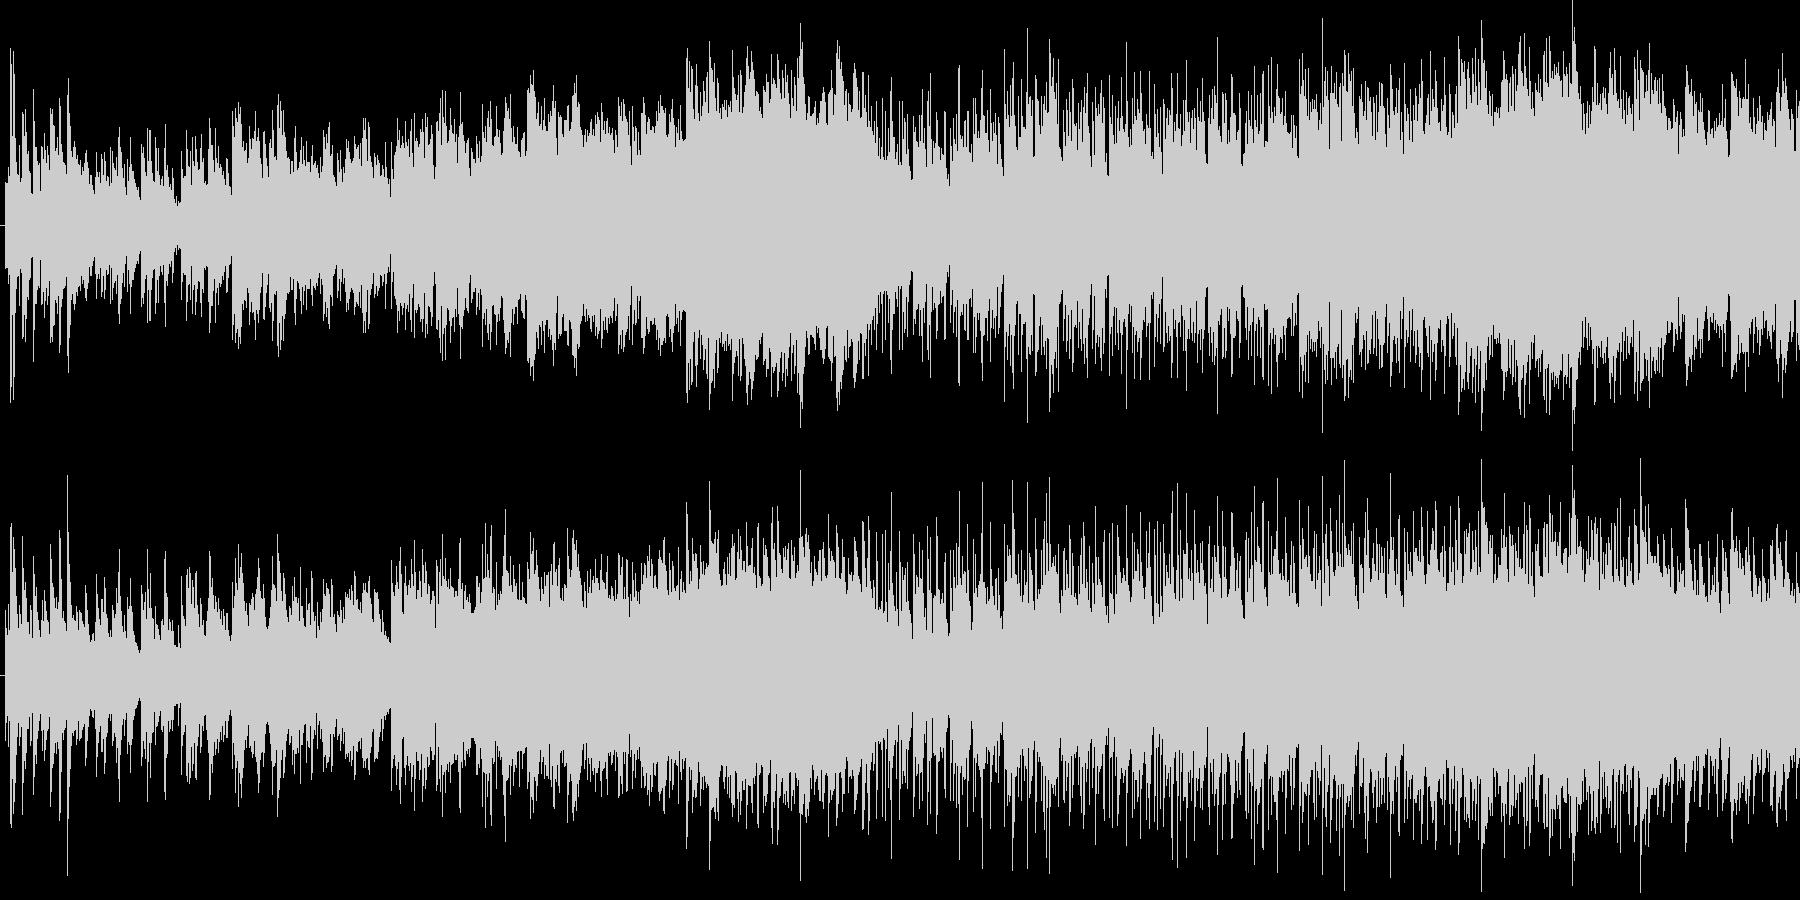 可憐で優しいピアノサウンドの未再生の波形